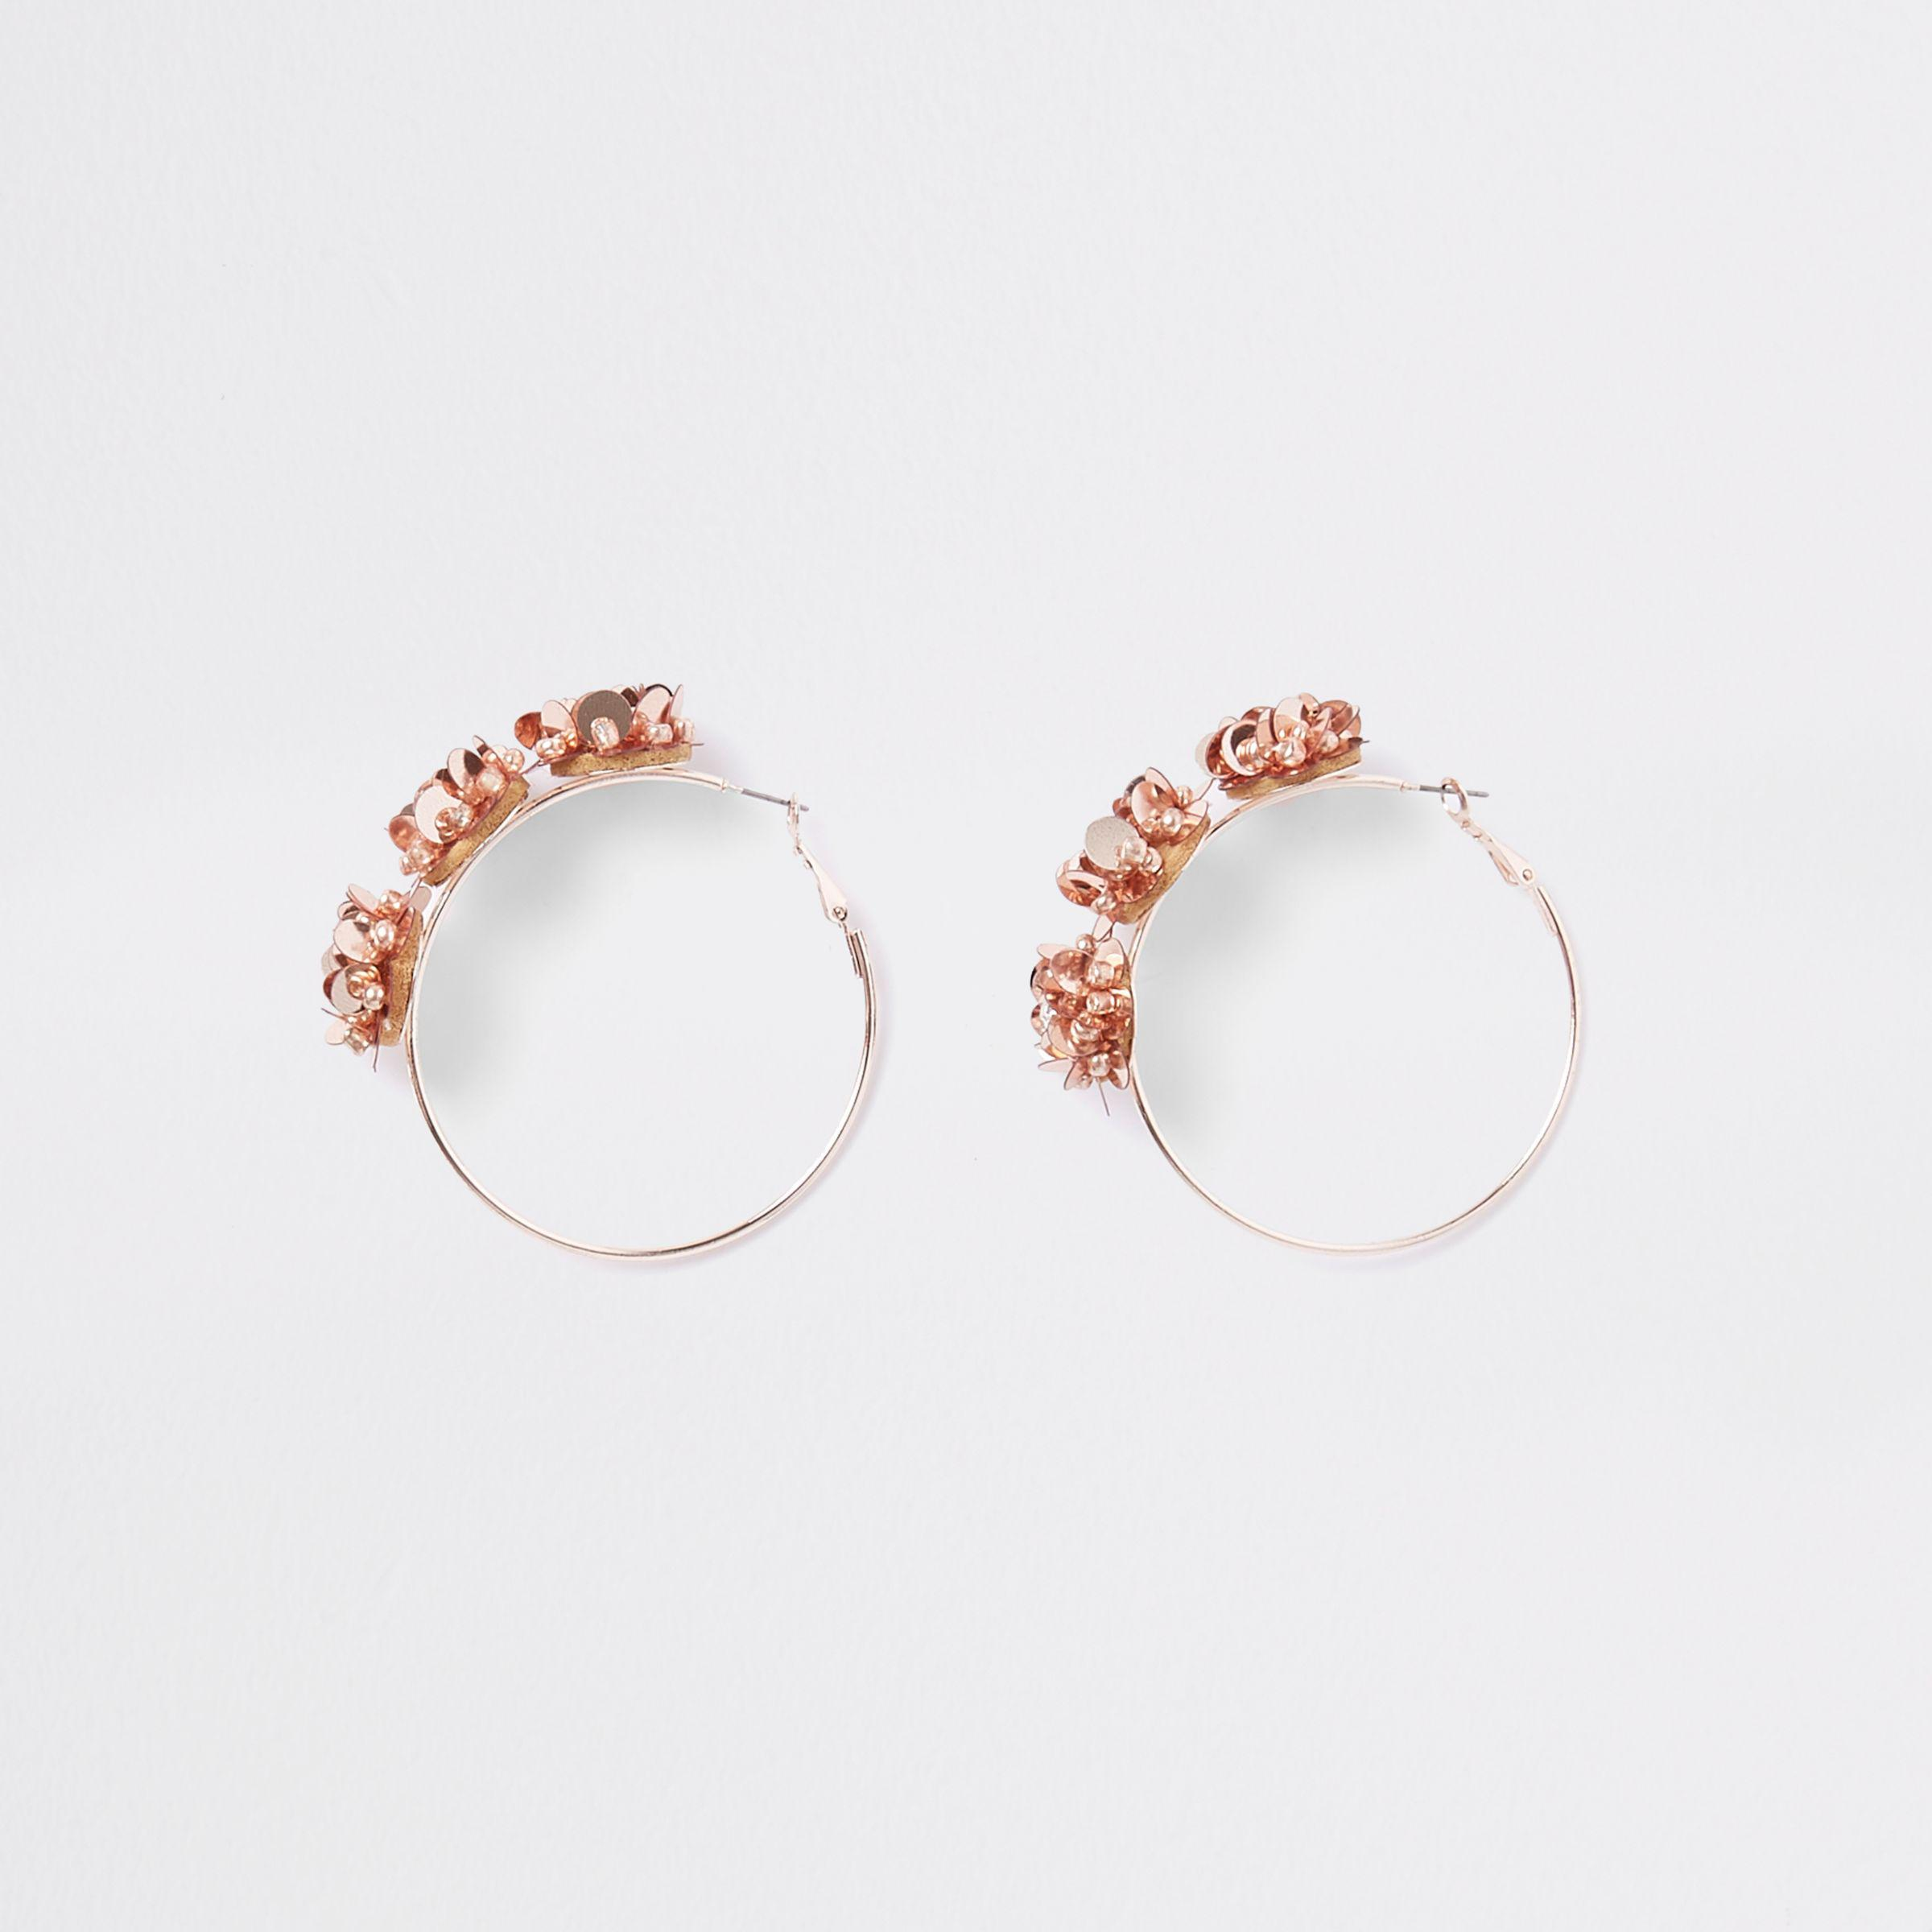 4e9784b2aec83 Women's Rose Gold Floral Sequin Hoop Earrings